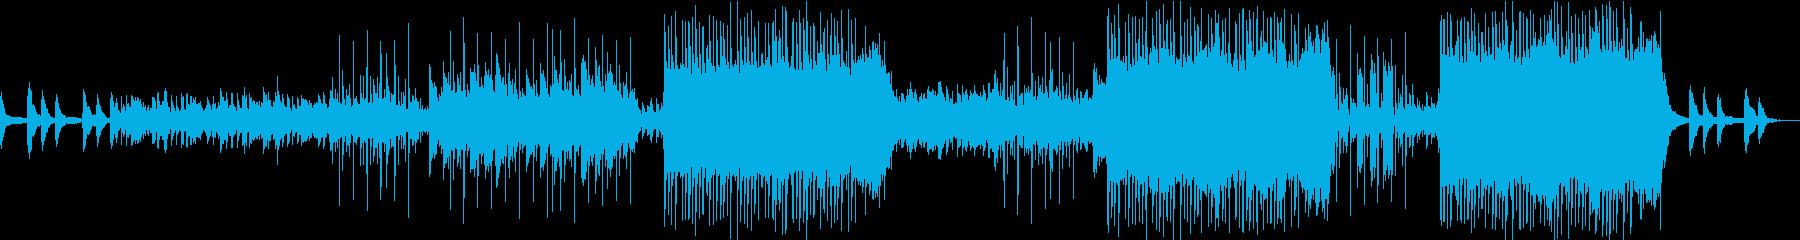 神秘・幻想的でチル、LoFiなビートの再生済みの波形